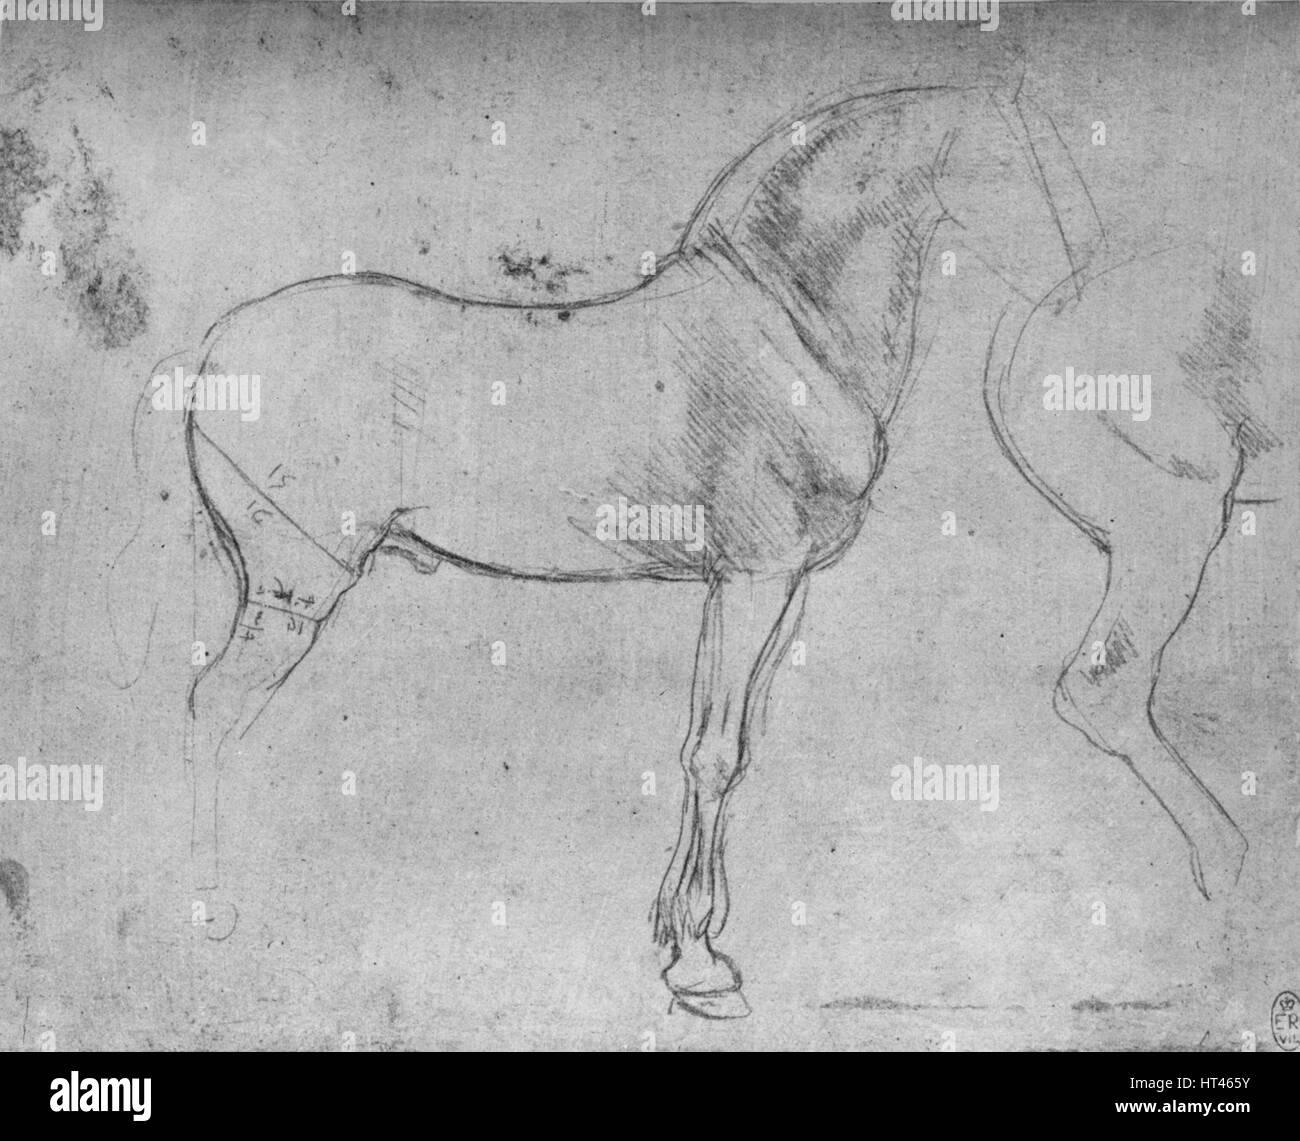 Wunderbar Innere Anatomie Eines Pferdes Bilder - Anatomie Ideen ...